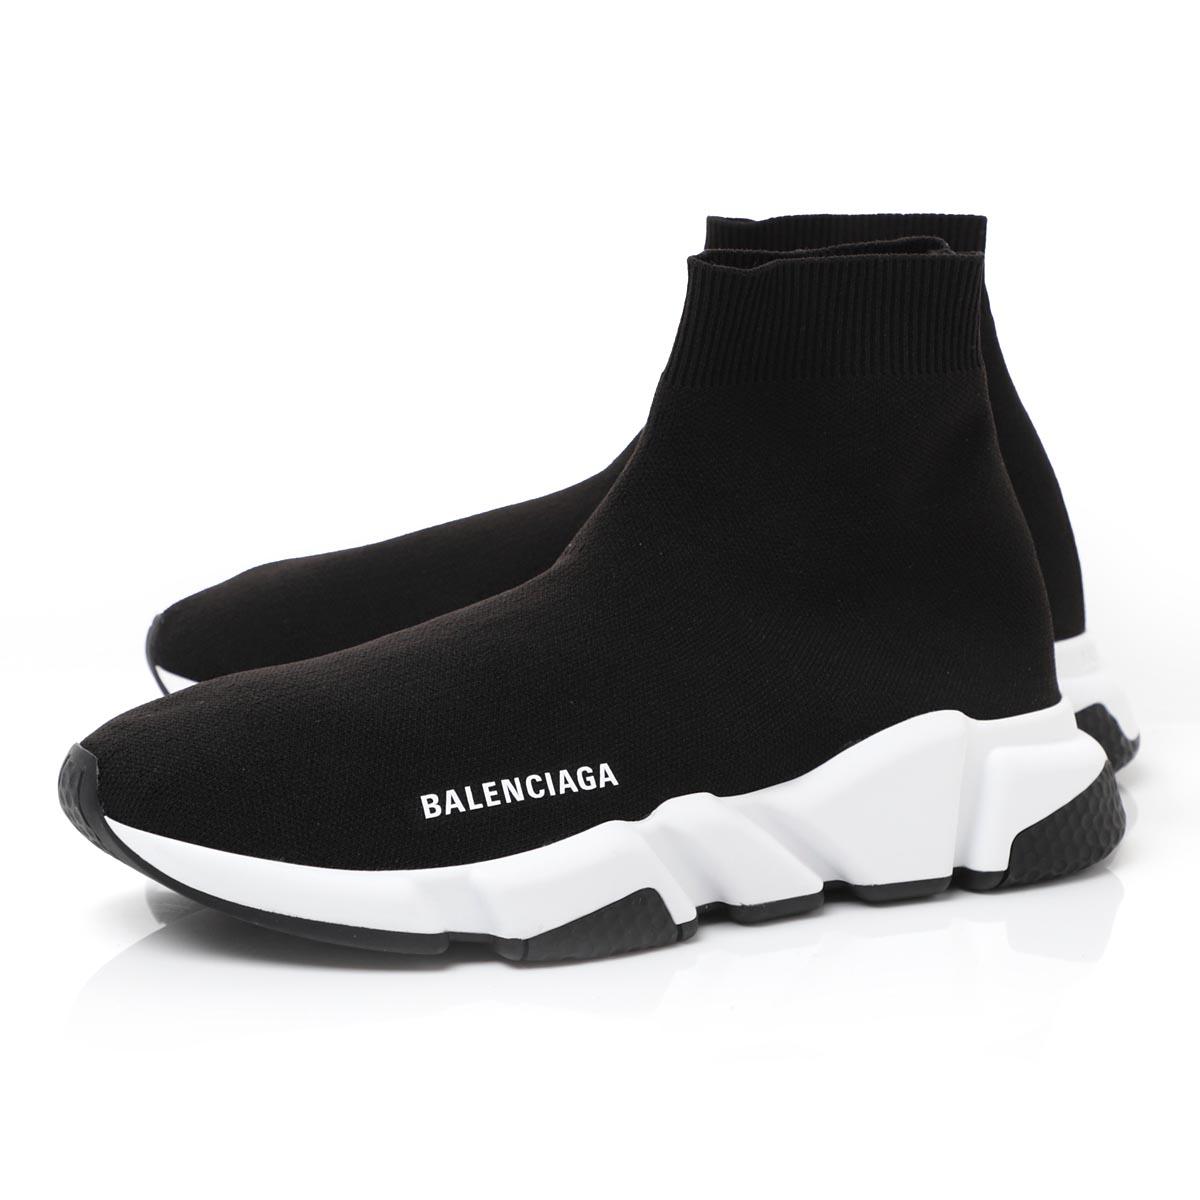 バレンシアガ BALENCIAGA スニーカー ブラック メンズ シューズ 靴 カジュアル 大きいサイズあり 530349 w05g9 1000 SPEED TRAINER スピードトレーナー【あす楽対応_関東】【返品送料無料】【ラッピング無料】